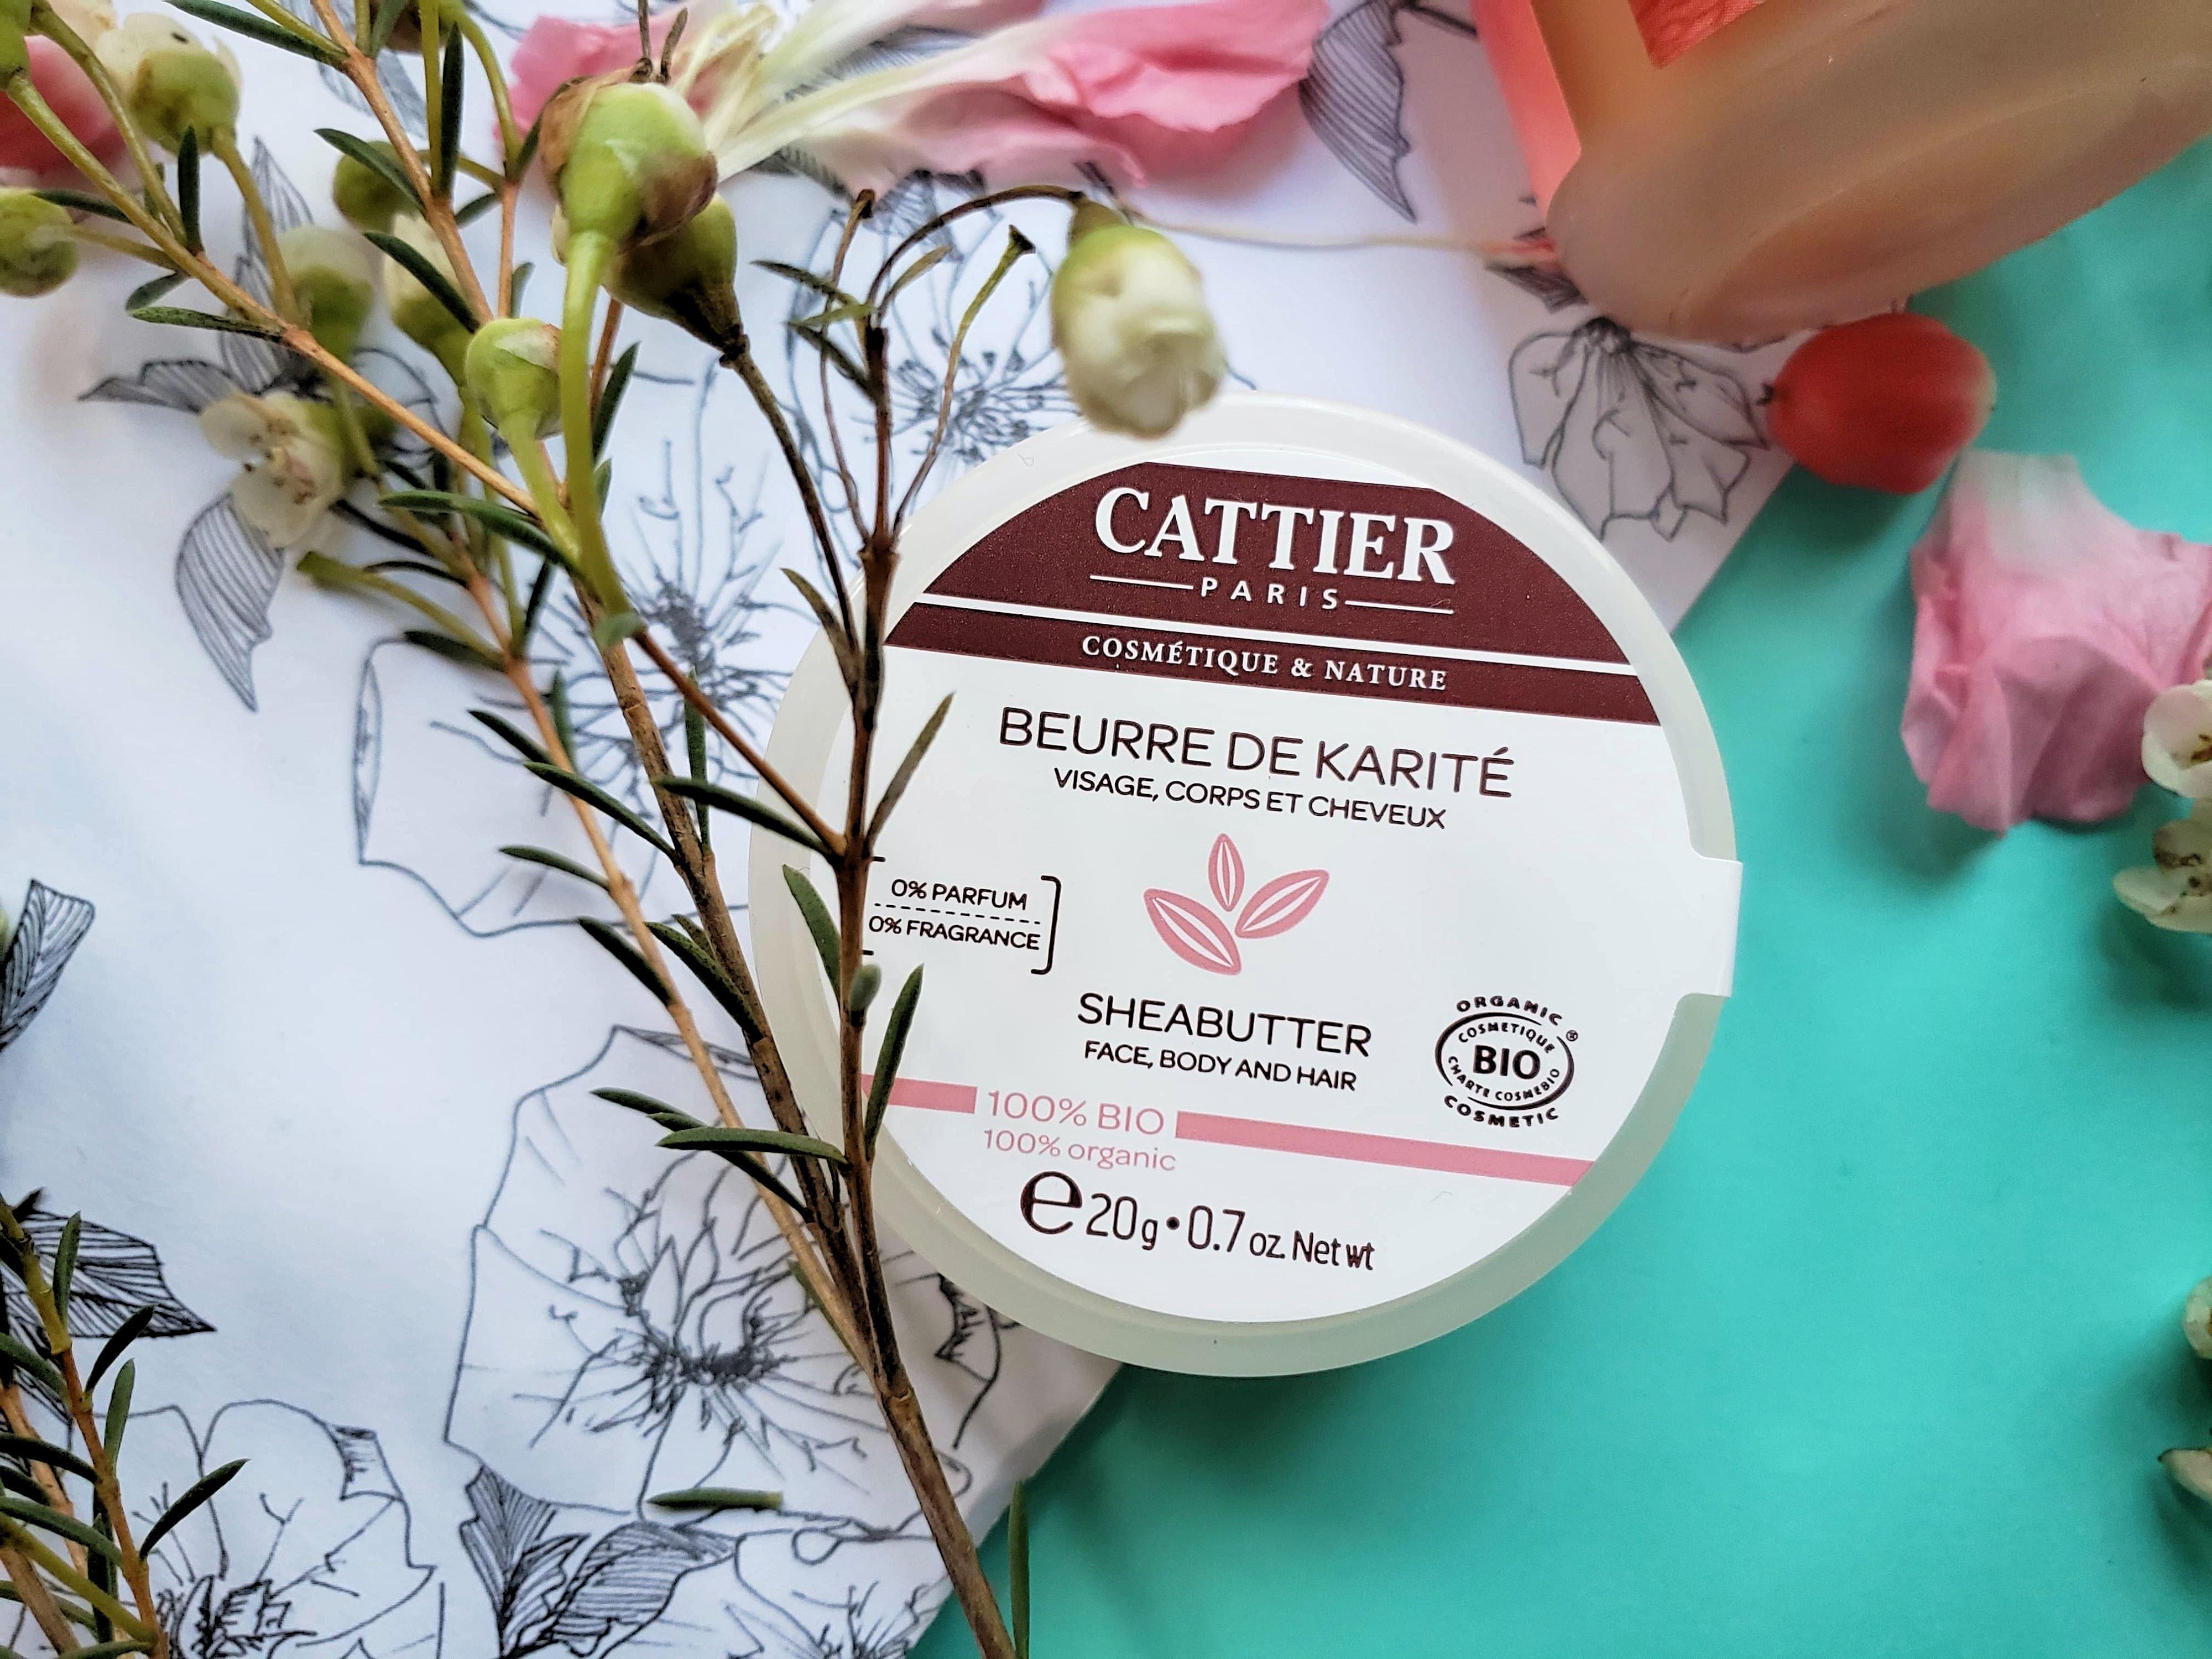 beurre de karité Cattier bio